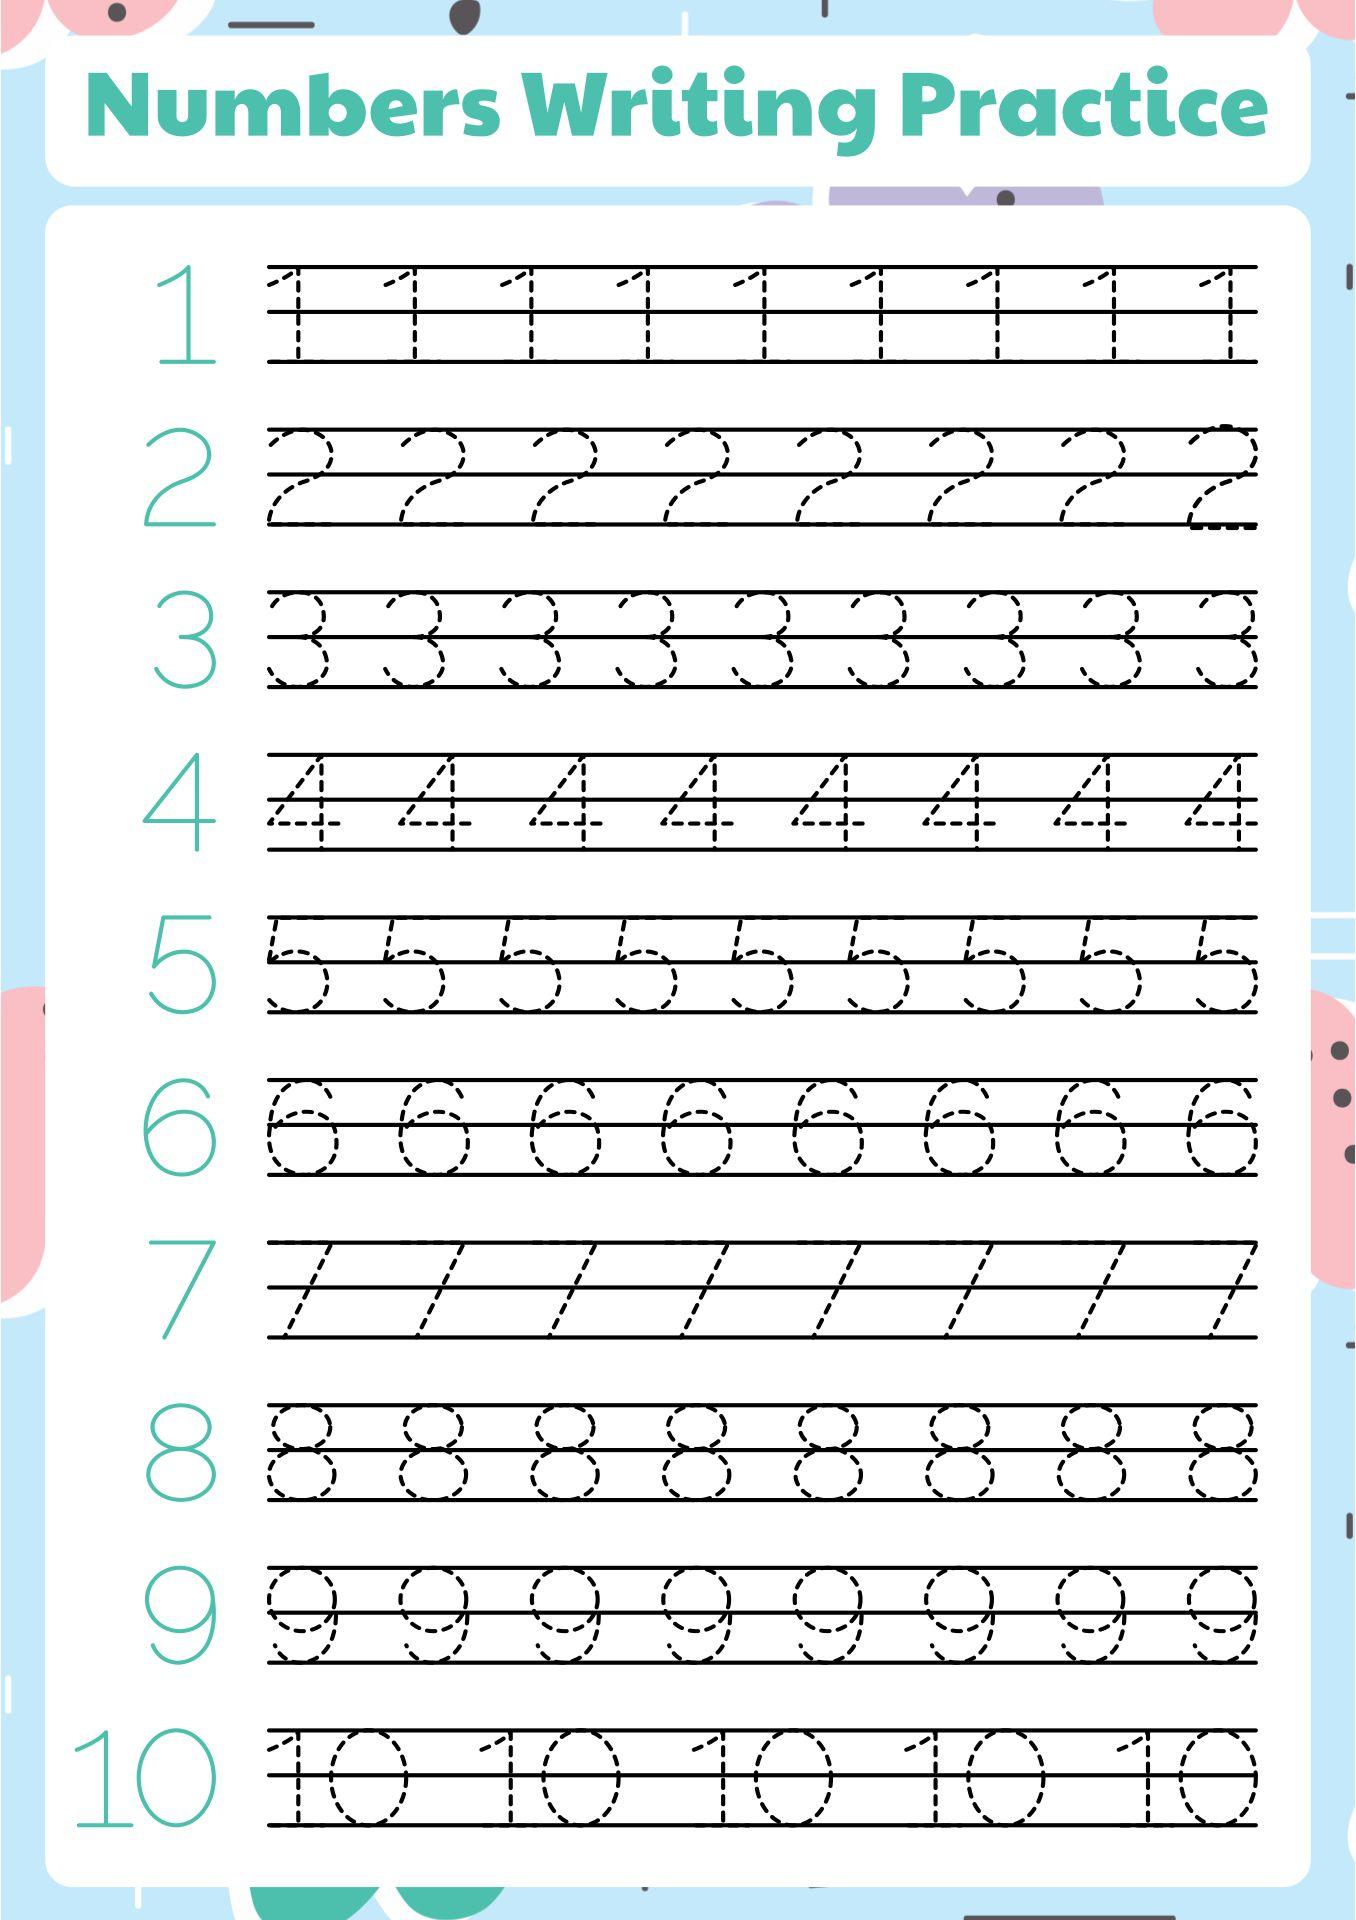 Practice Writing Numbers 1-10 Worksheet